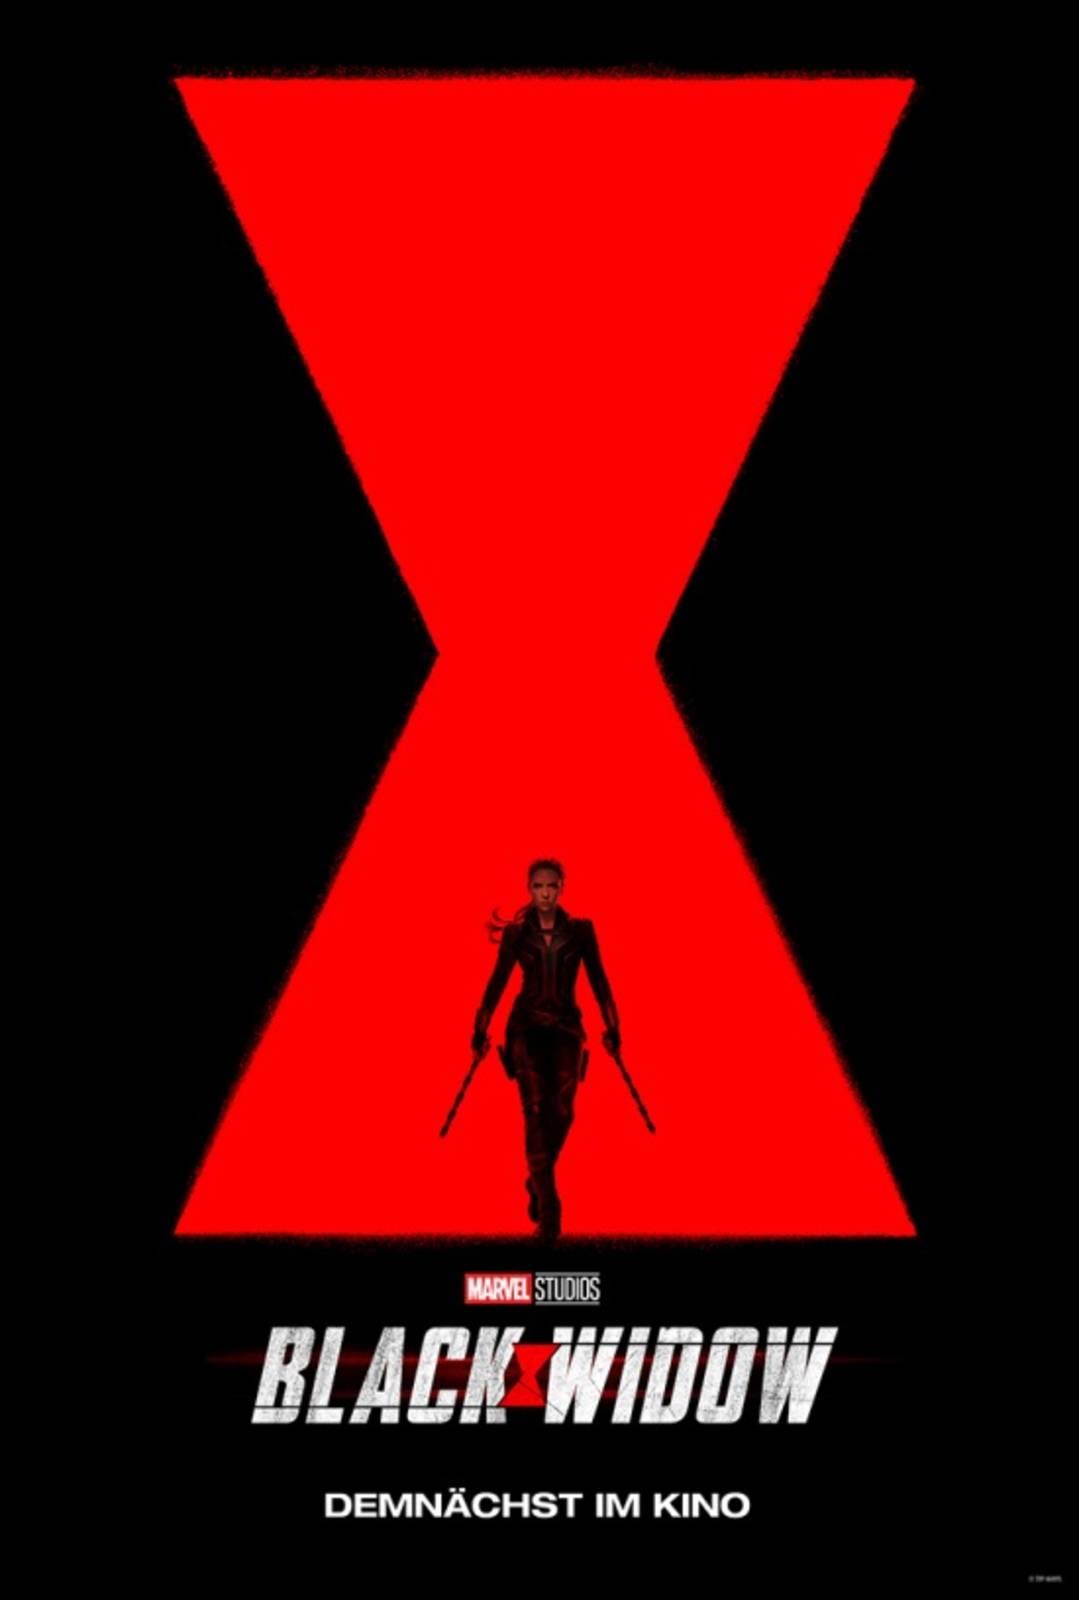 Bild zu Black Widow: Black Widow - Bild 3 von 5 - FILM.TV